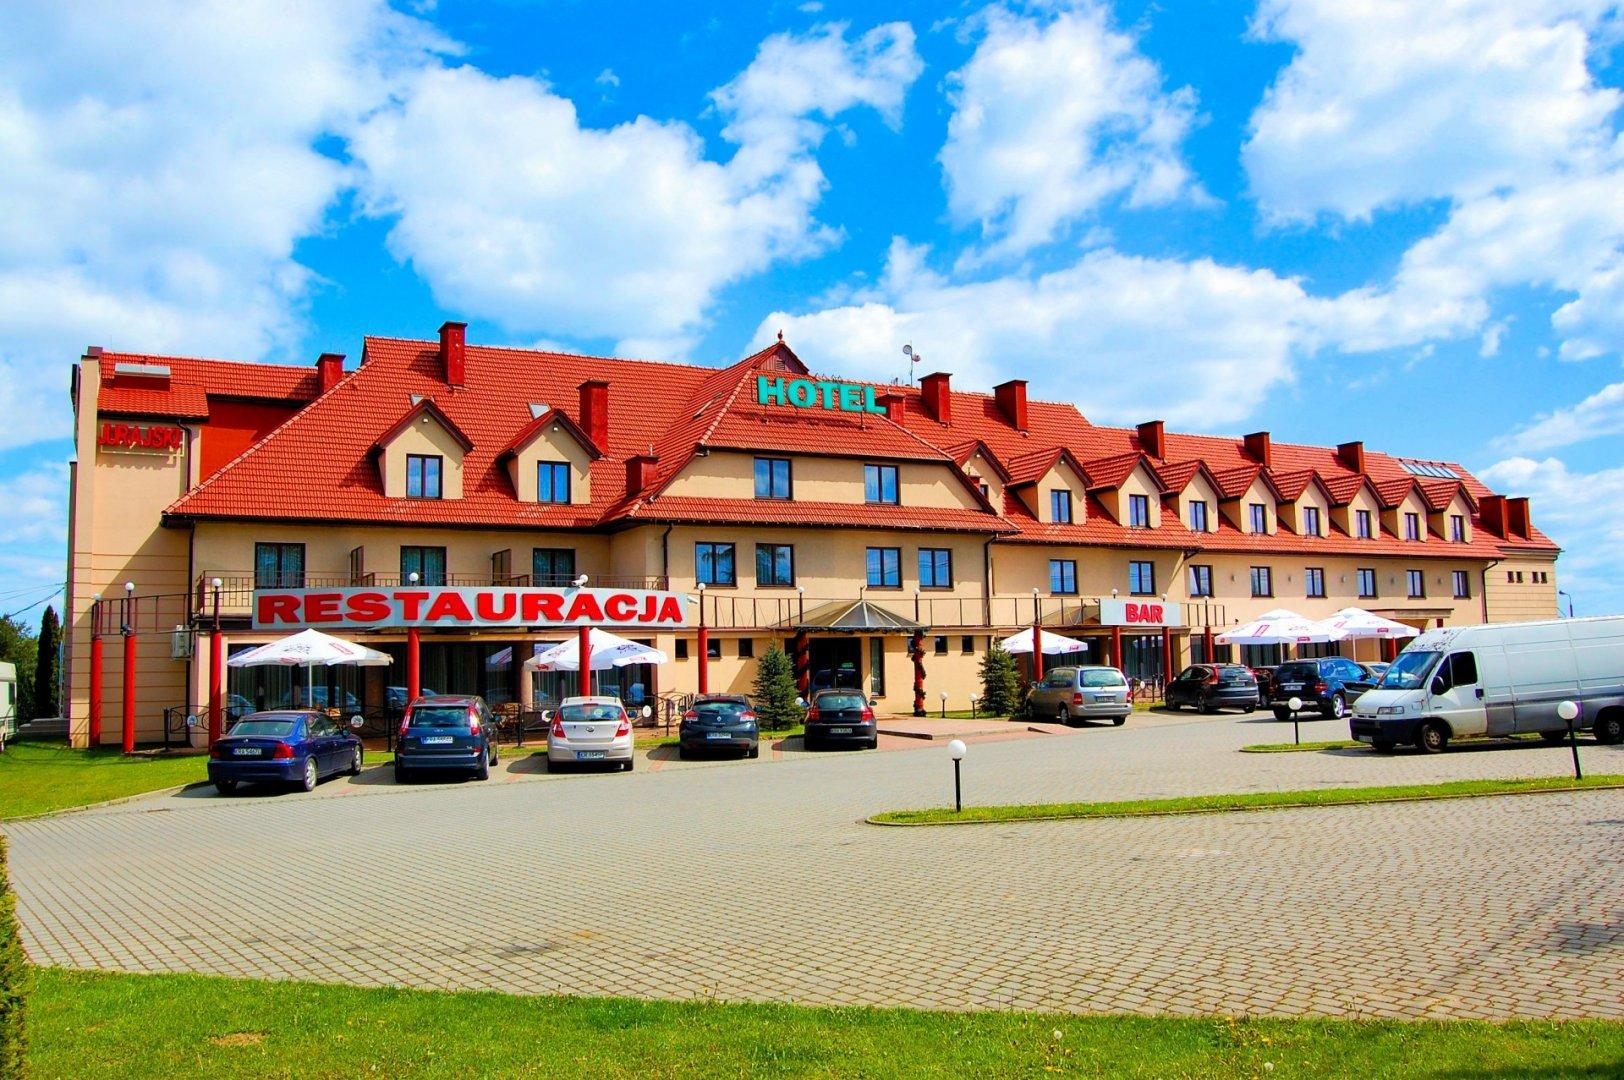 Jurajski Hotel